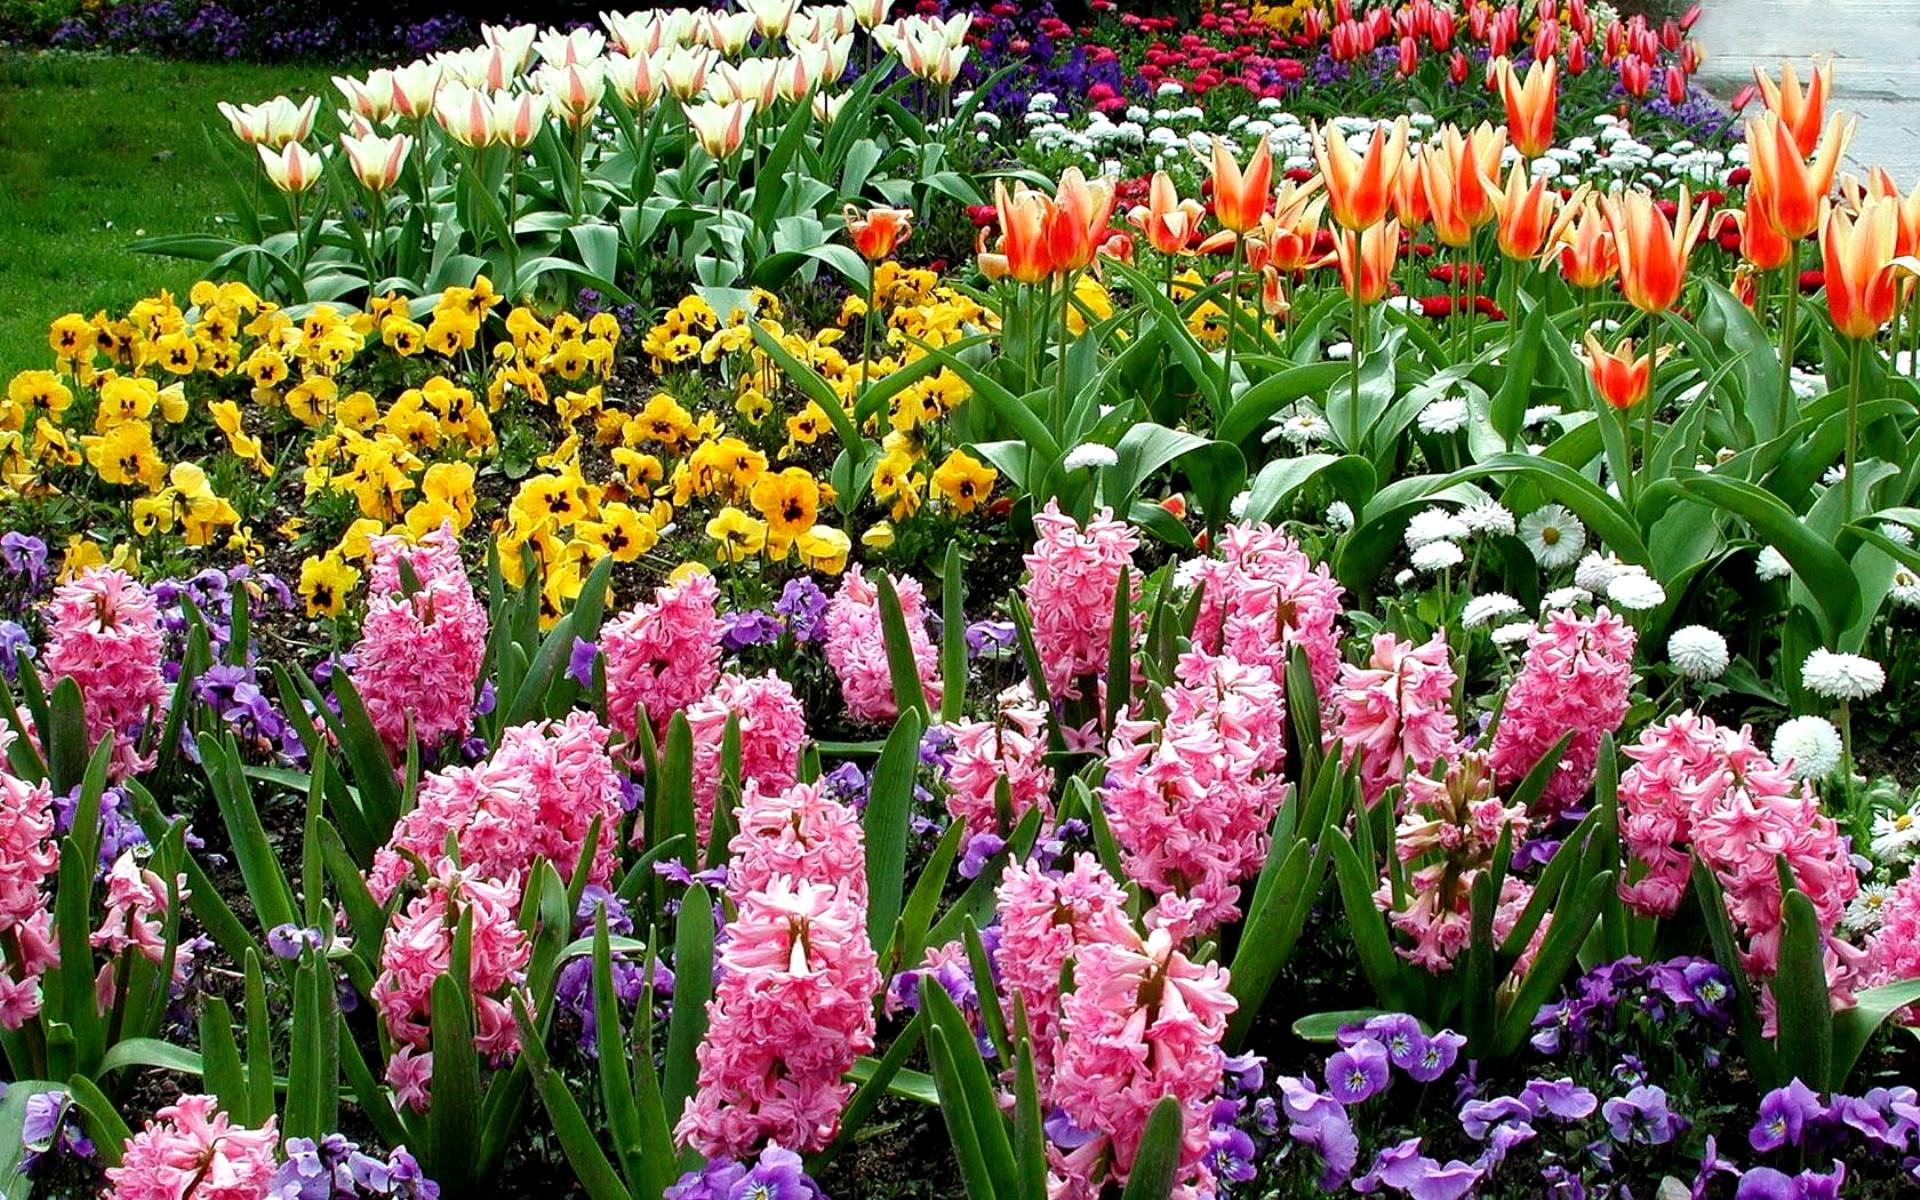 Картинка Весенние цветы на клумбе » Весенние цветы » Цветы ...